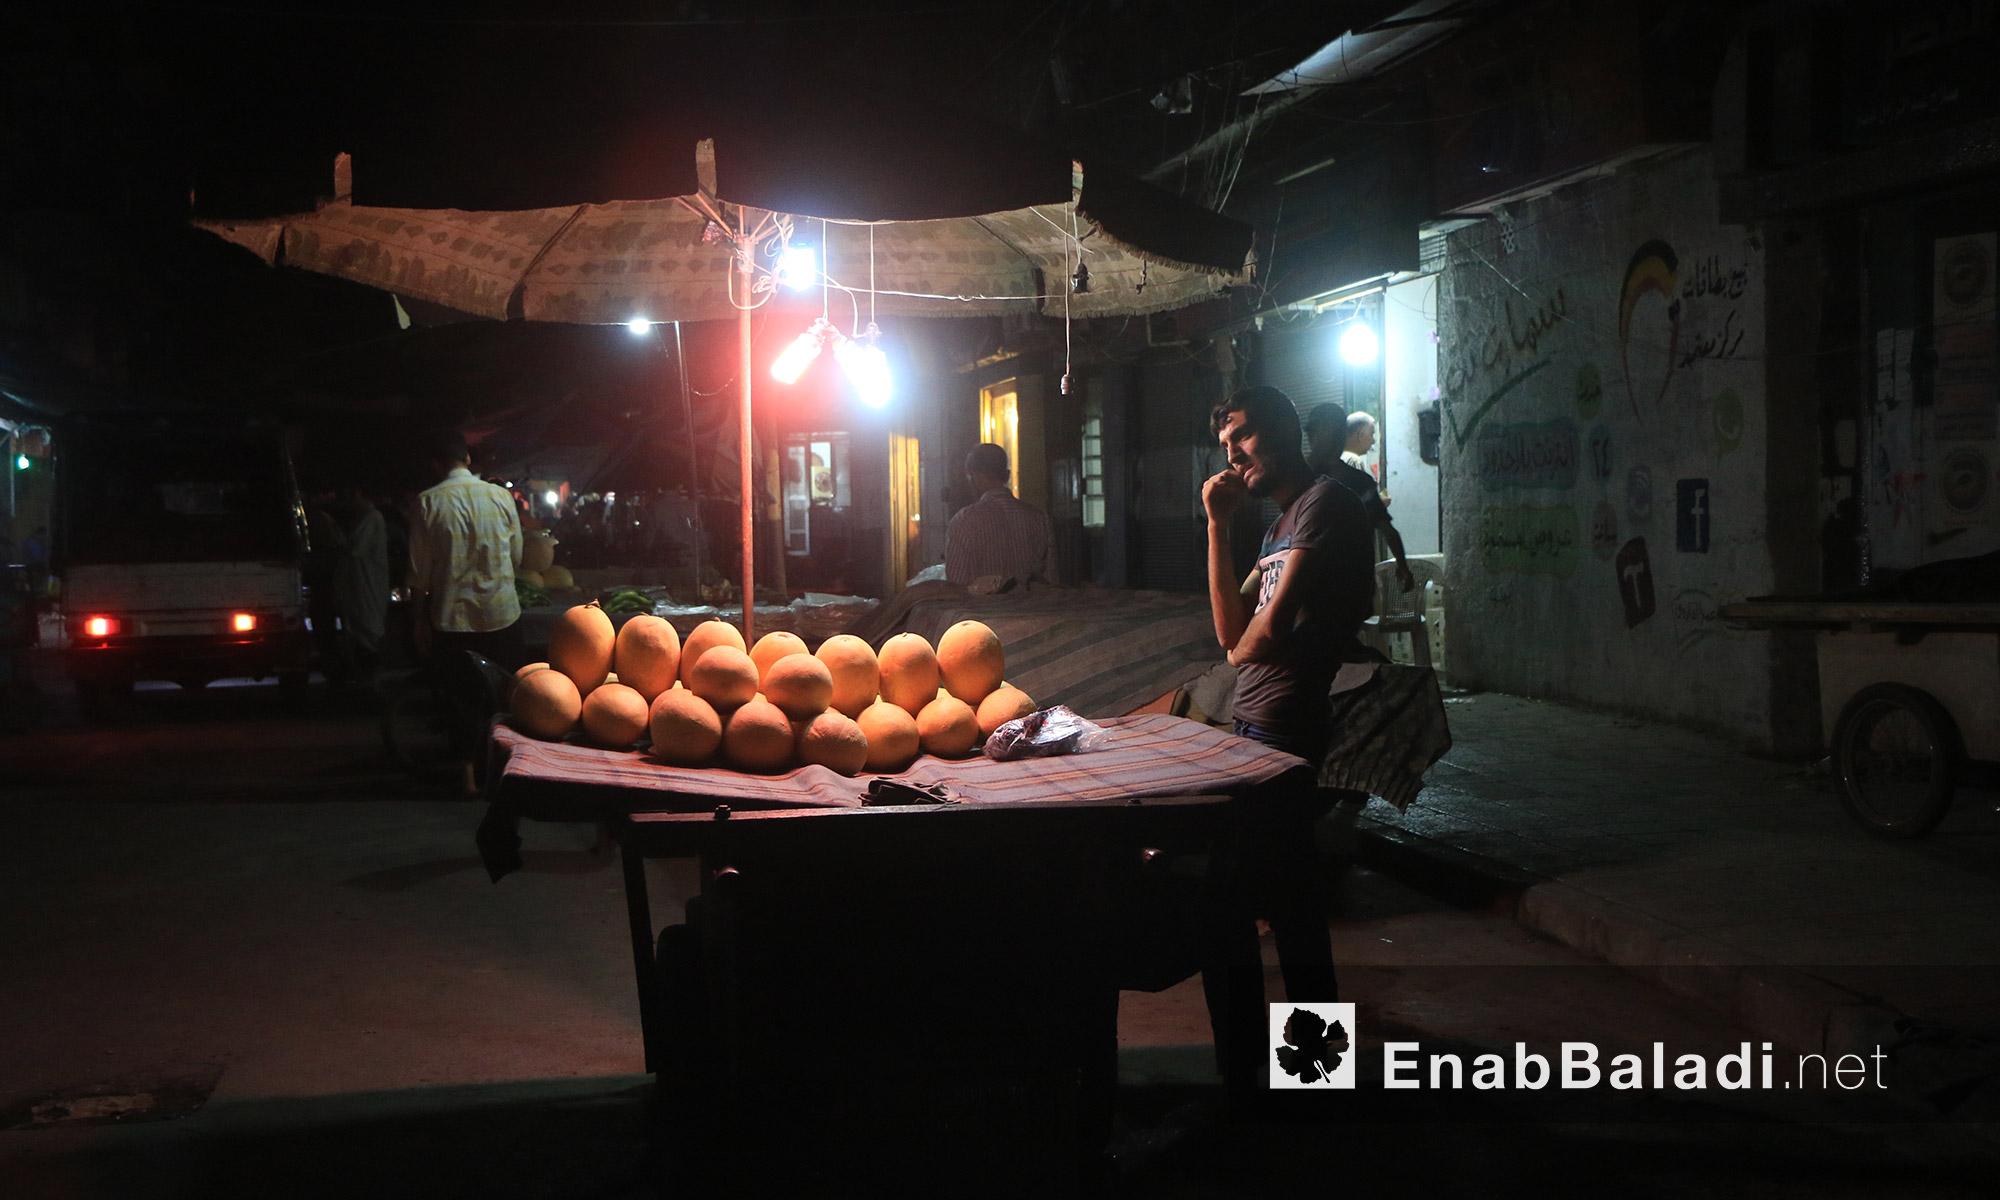 عربة لأحد أهالي حي بستان القصر في مدينة حلب - السبت 20 آب (عنب بلدي)